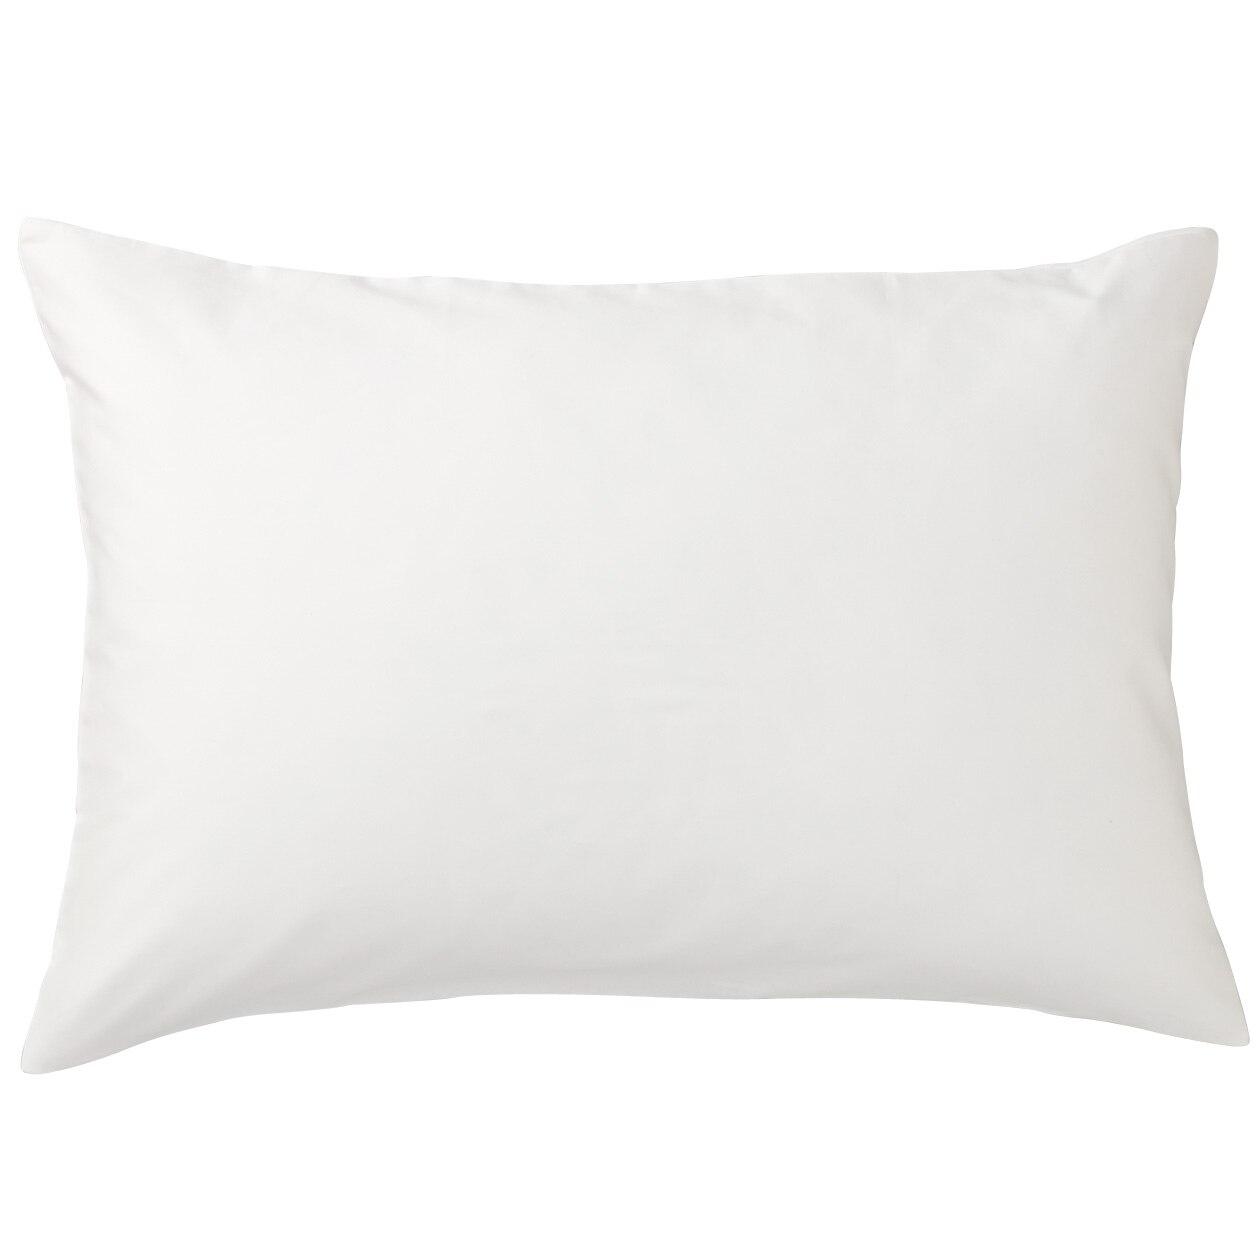 インド綿高密度サテン織ホテル仕様まくらカバー/オフ白 43×63cm用/オフ白